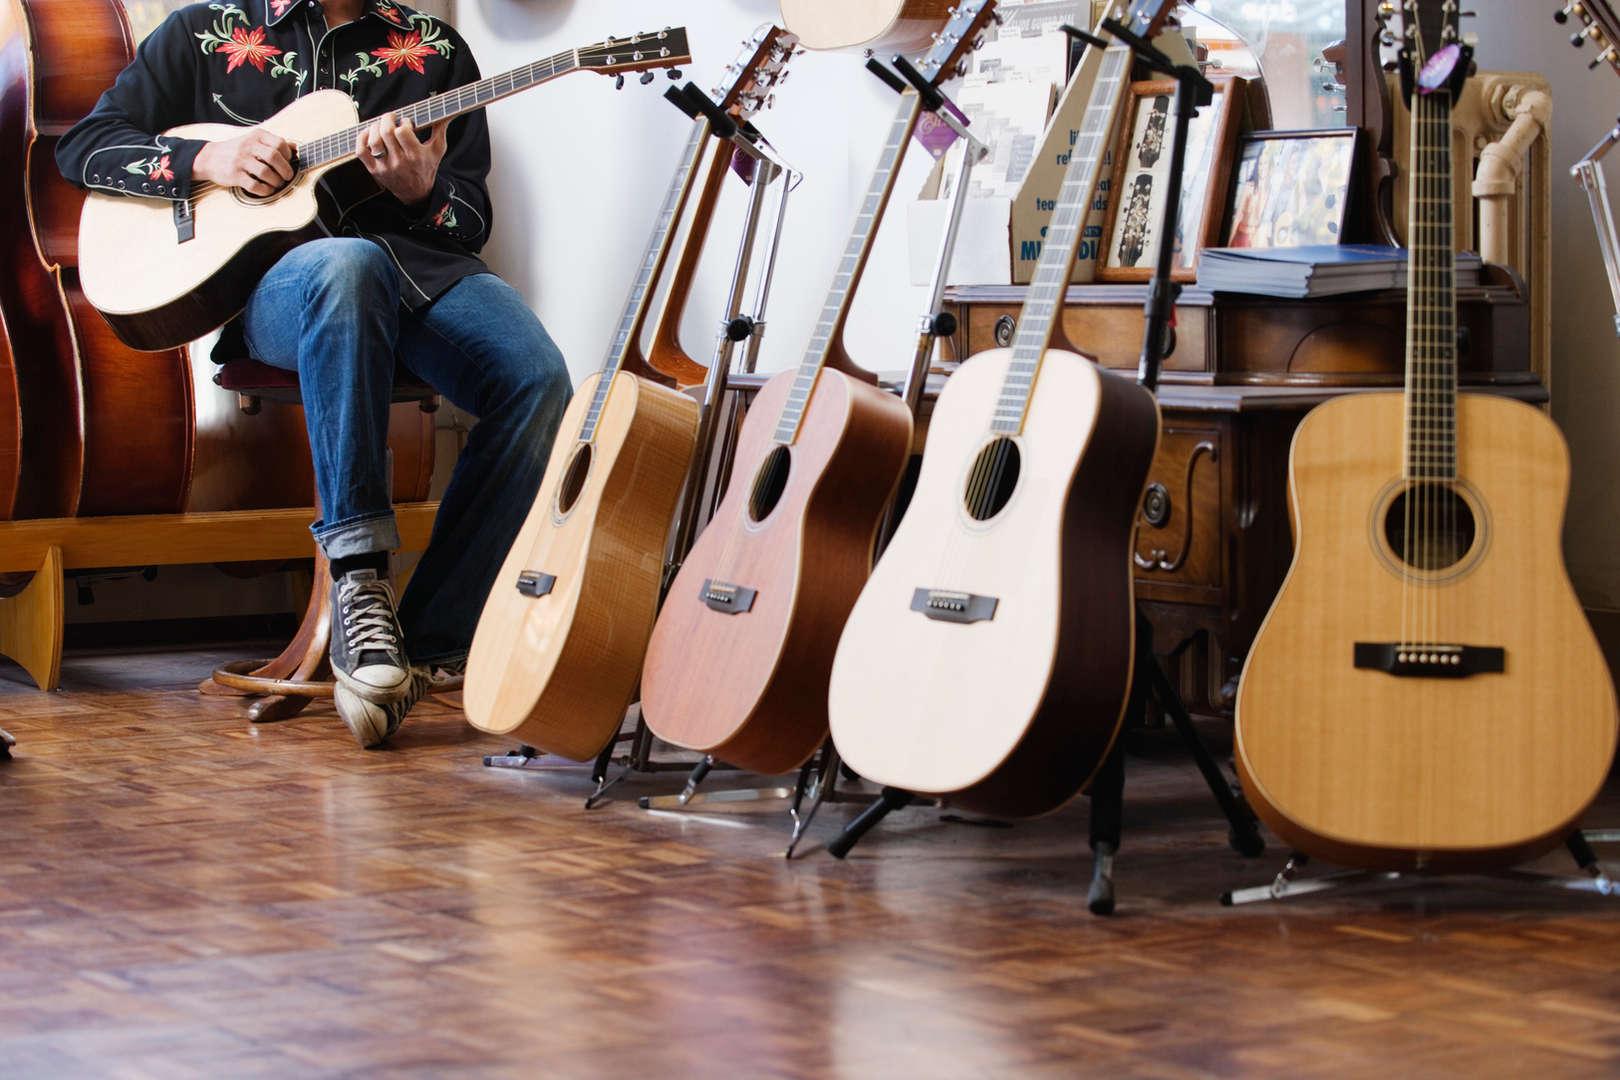 Uomo che gioca chitarra